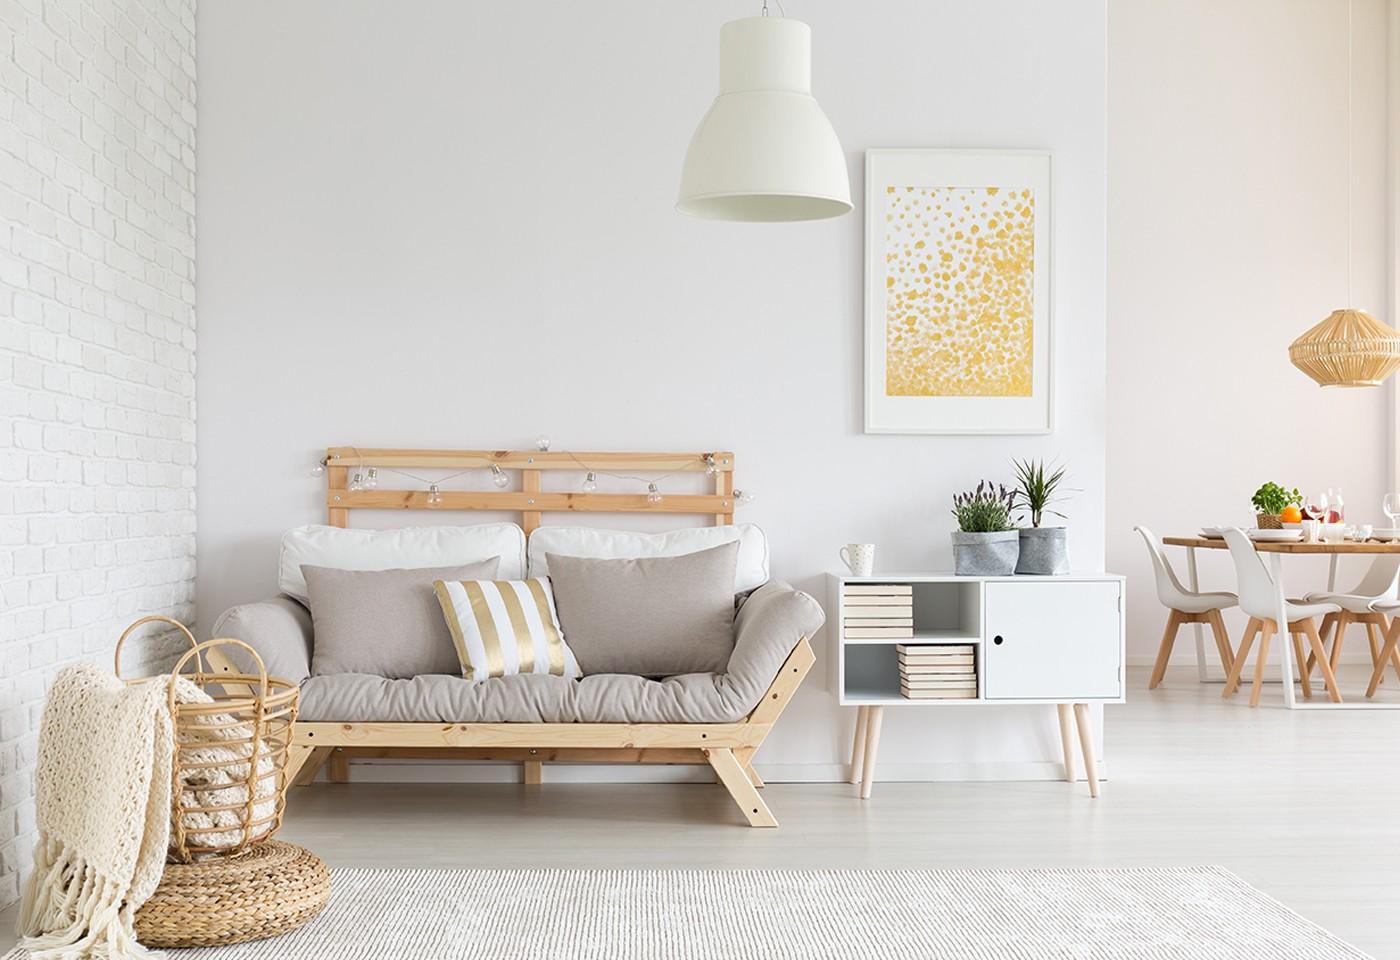 Idee arredamento casa low cost stile industriale e stile for Arredamento originale casa